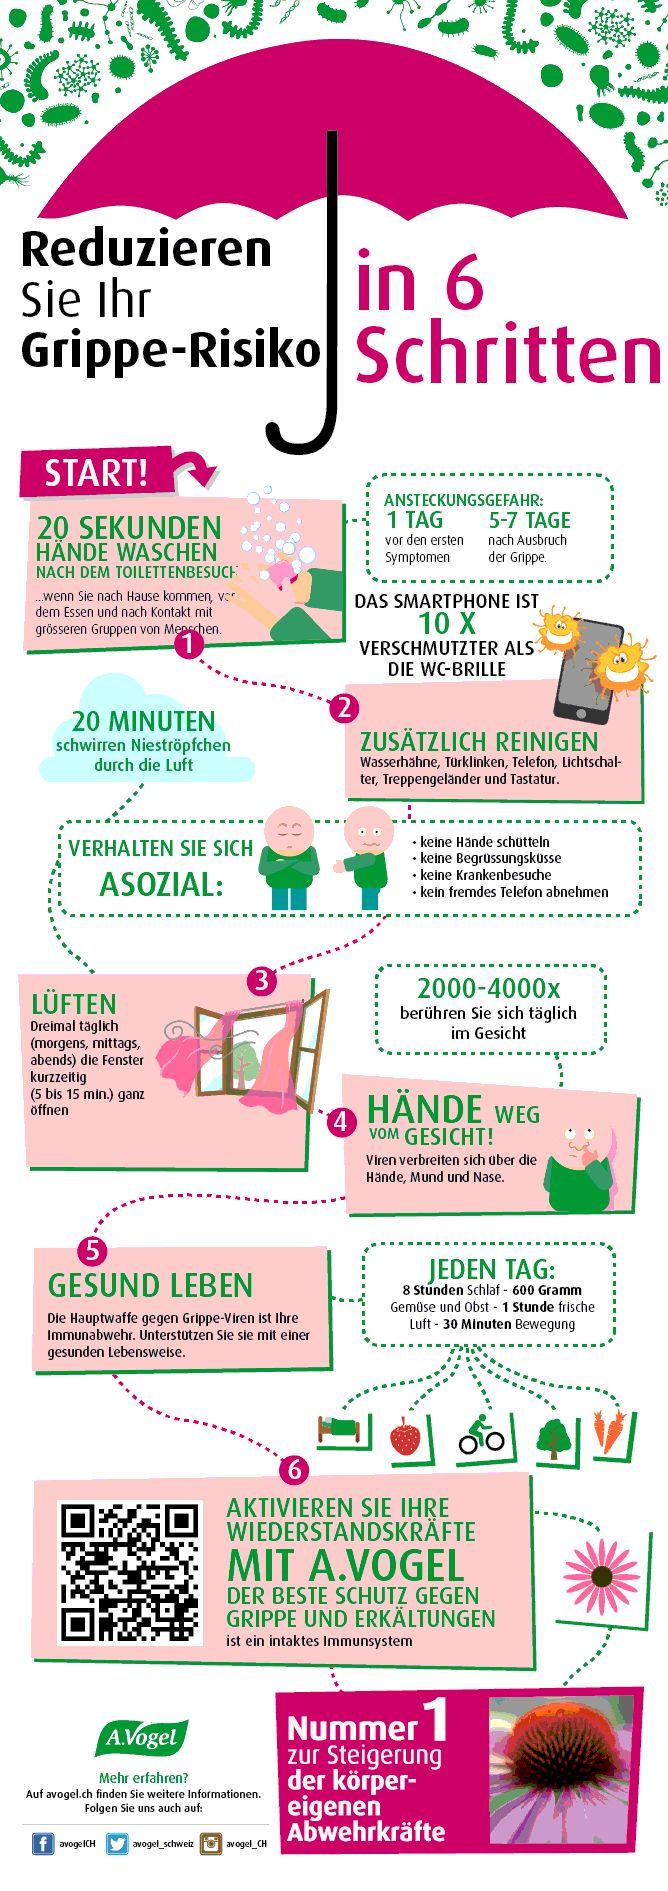 grippe-vorbeugen-infografik.gif (668×1891)